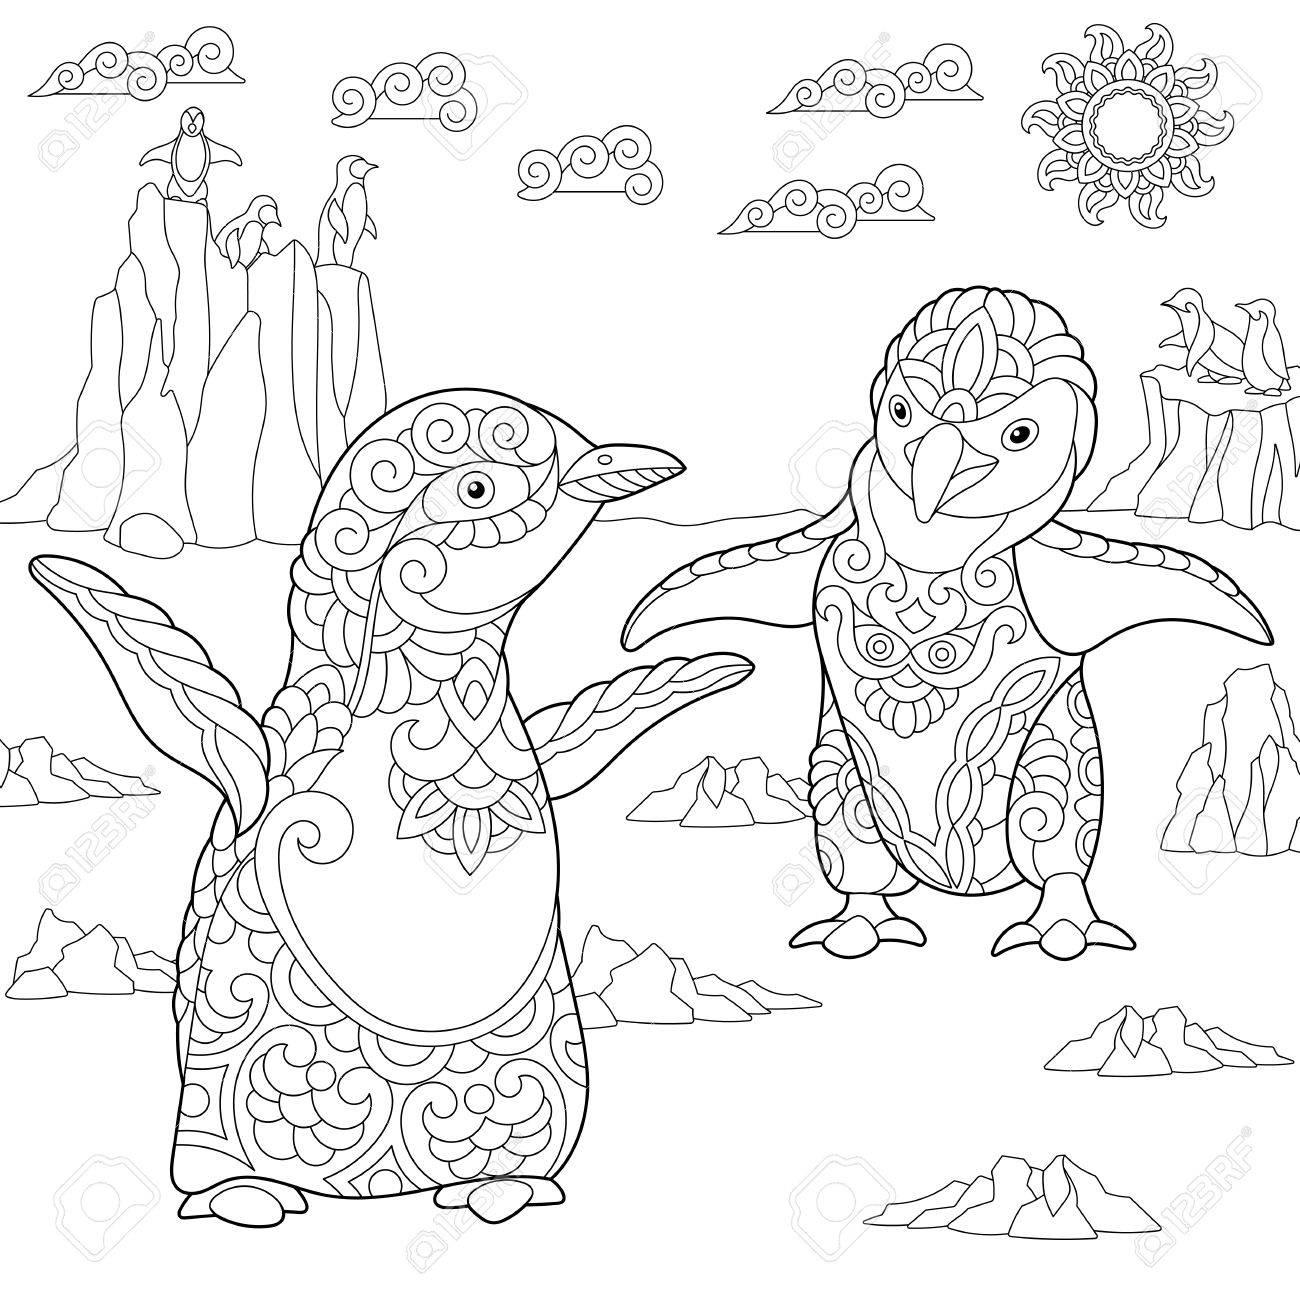 Kleurplaten Voor Volwassenen Landschap.Kleurplaat Van Jonge Pinguins Onder Het Arctische Landschap